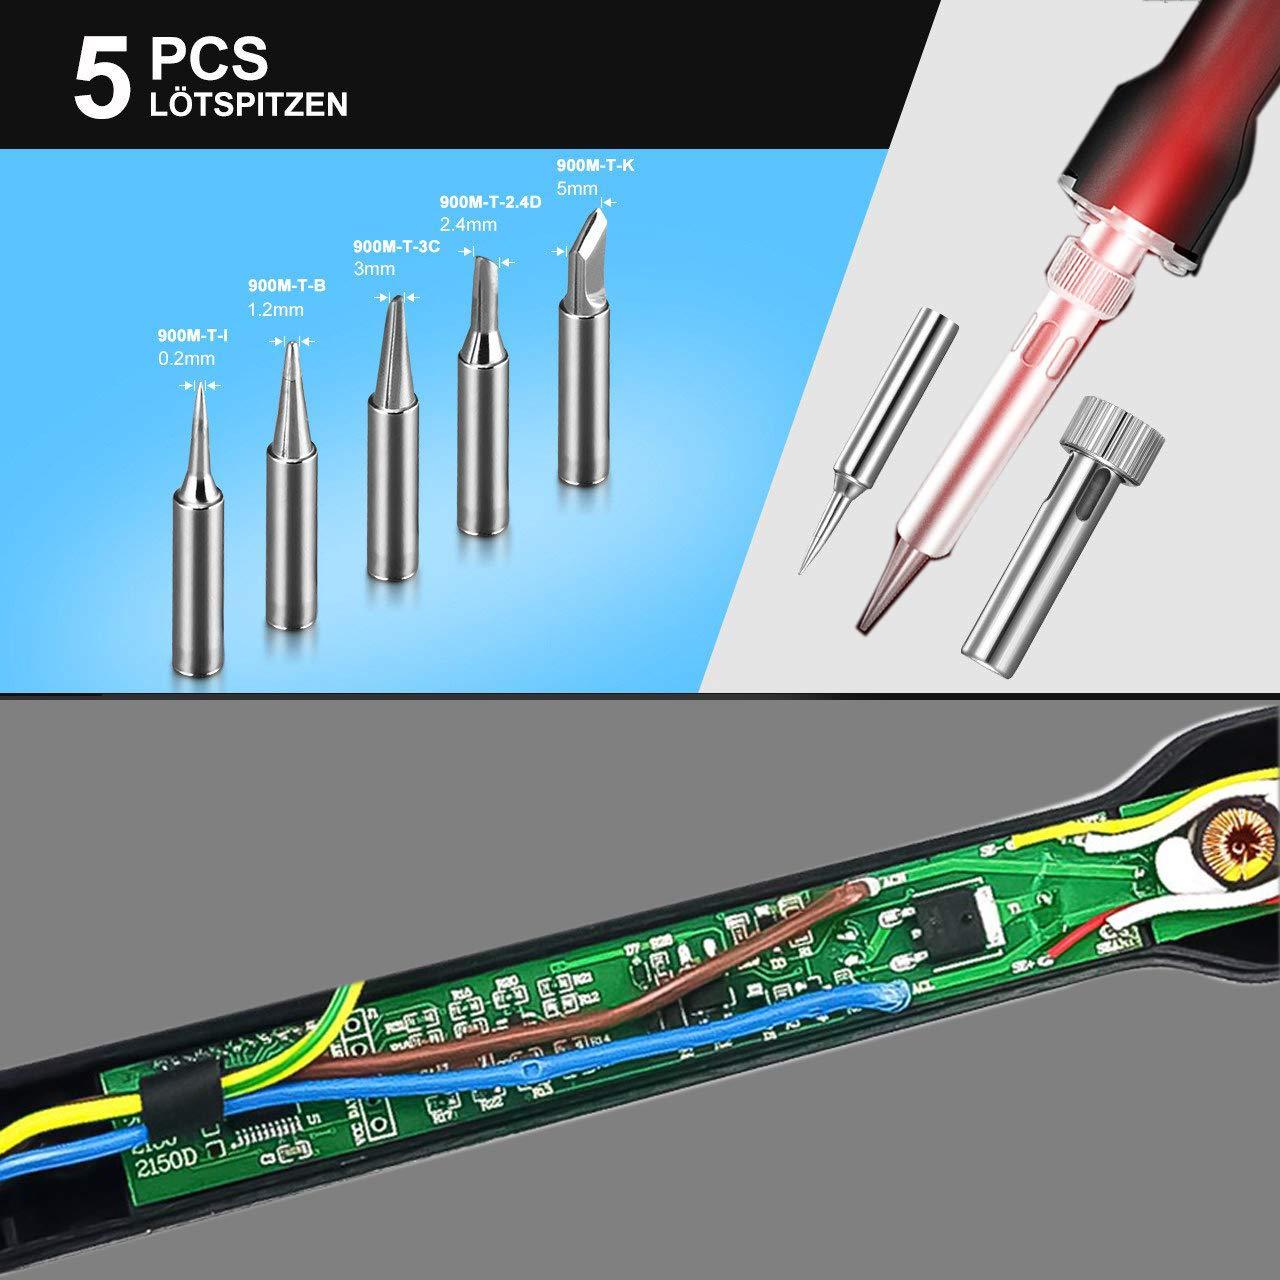 Sommeil Fonction avec /Écran LCD 68W Fer /à Souder Correction de la Temp/érature LYLIN Professionnel fer /à souder /électronique Temp/érature R/églable Soudure Electrique 5 Pcs Pointes /à Souder